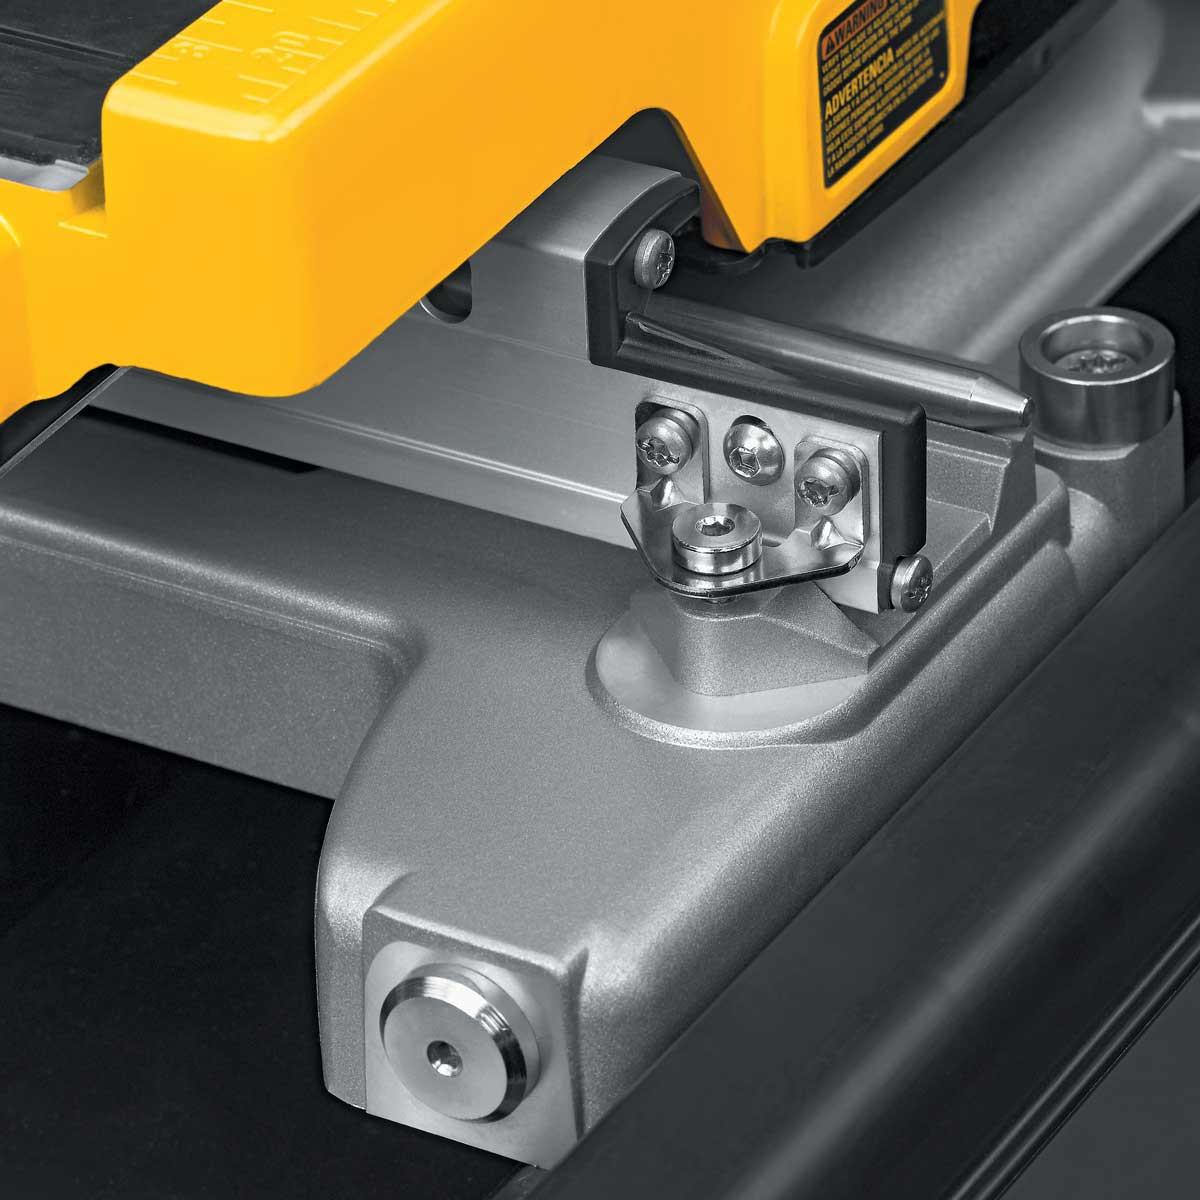 Dewalt D24000 adjustable rails